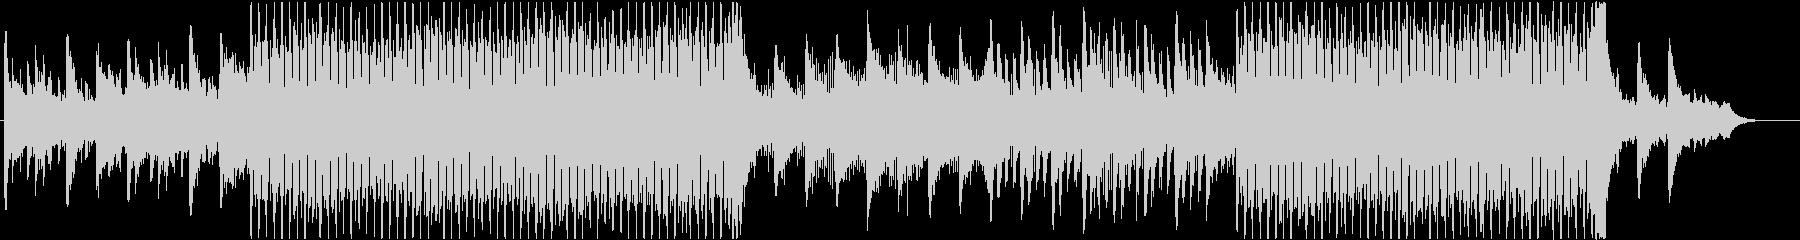 ピアノとシンセのアルペジオの未再生の波形